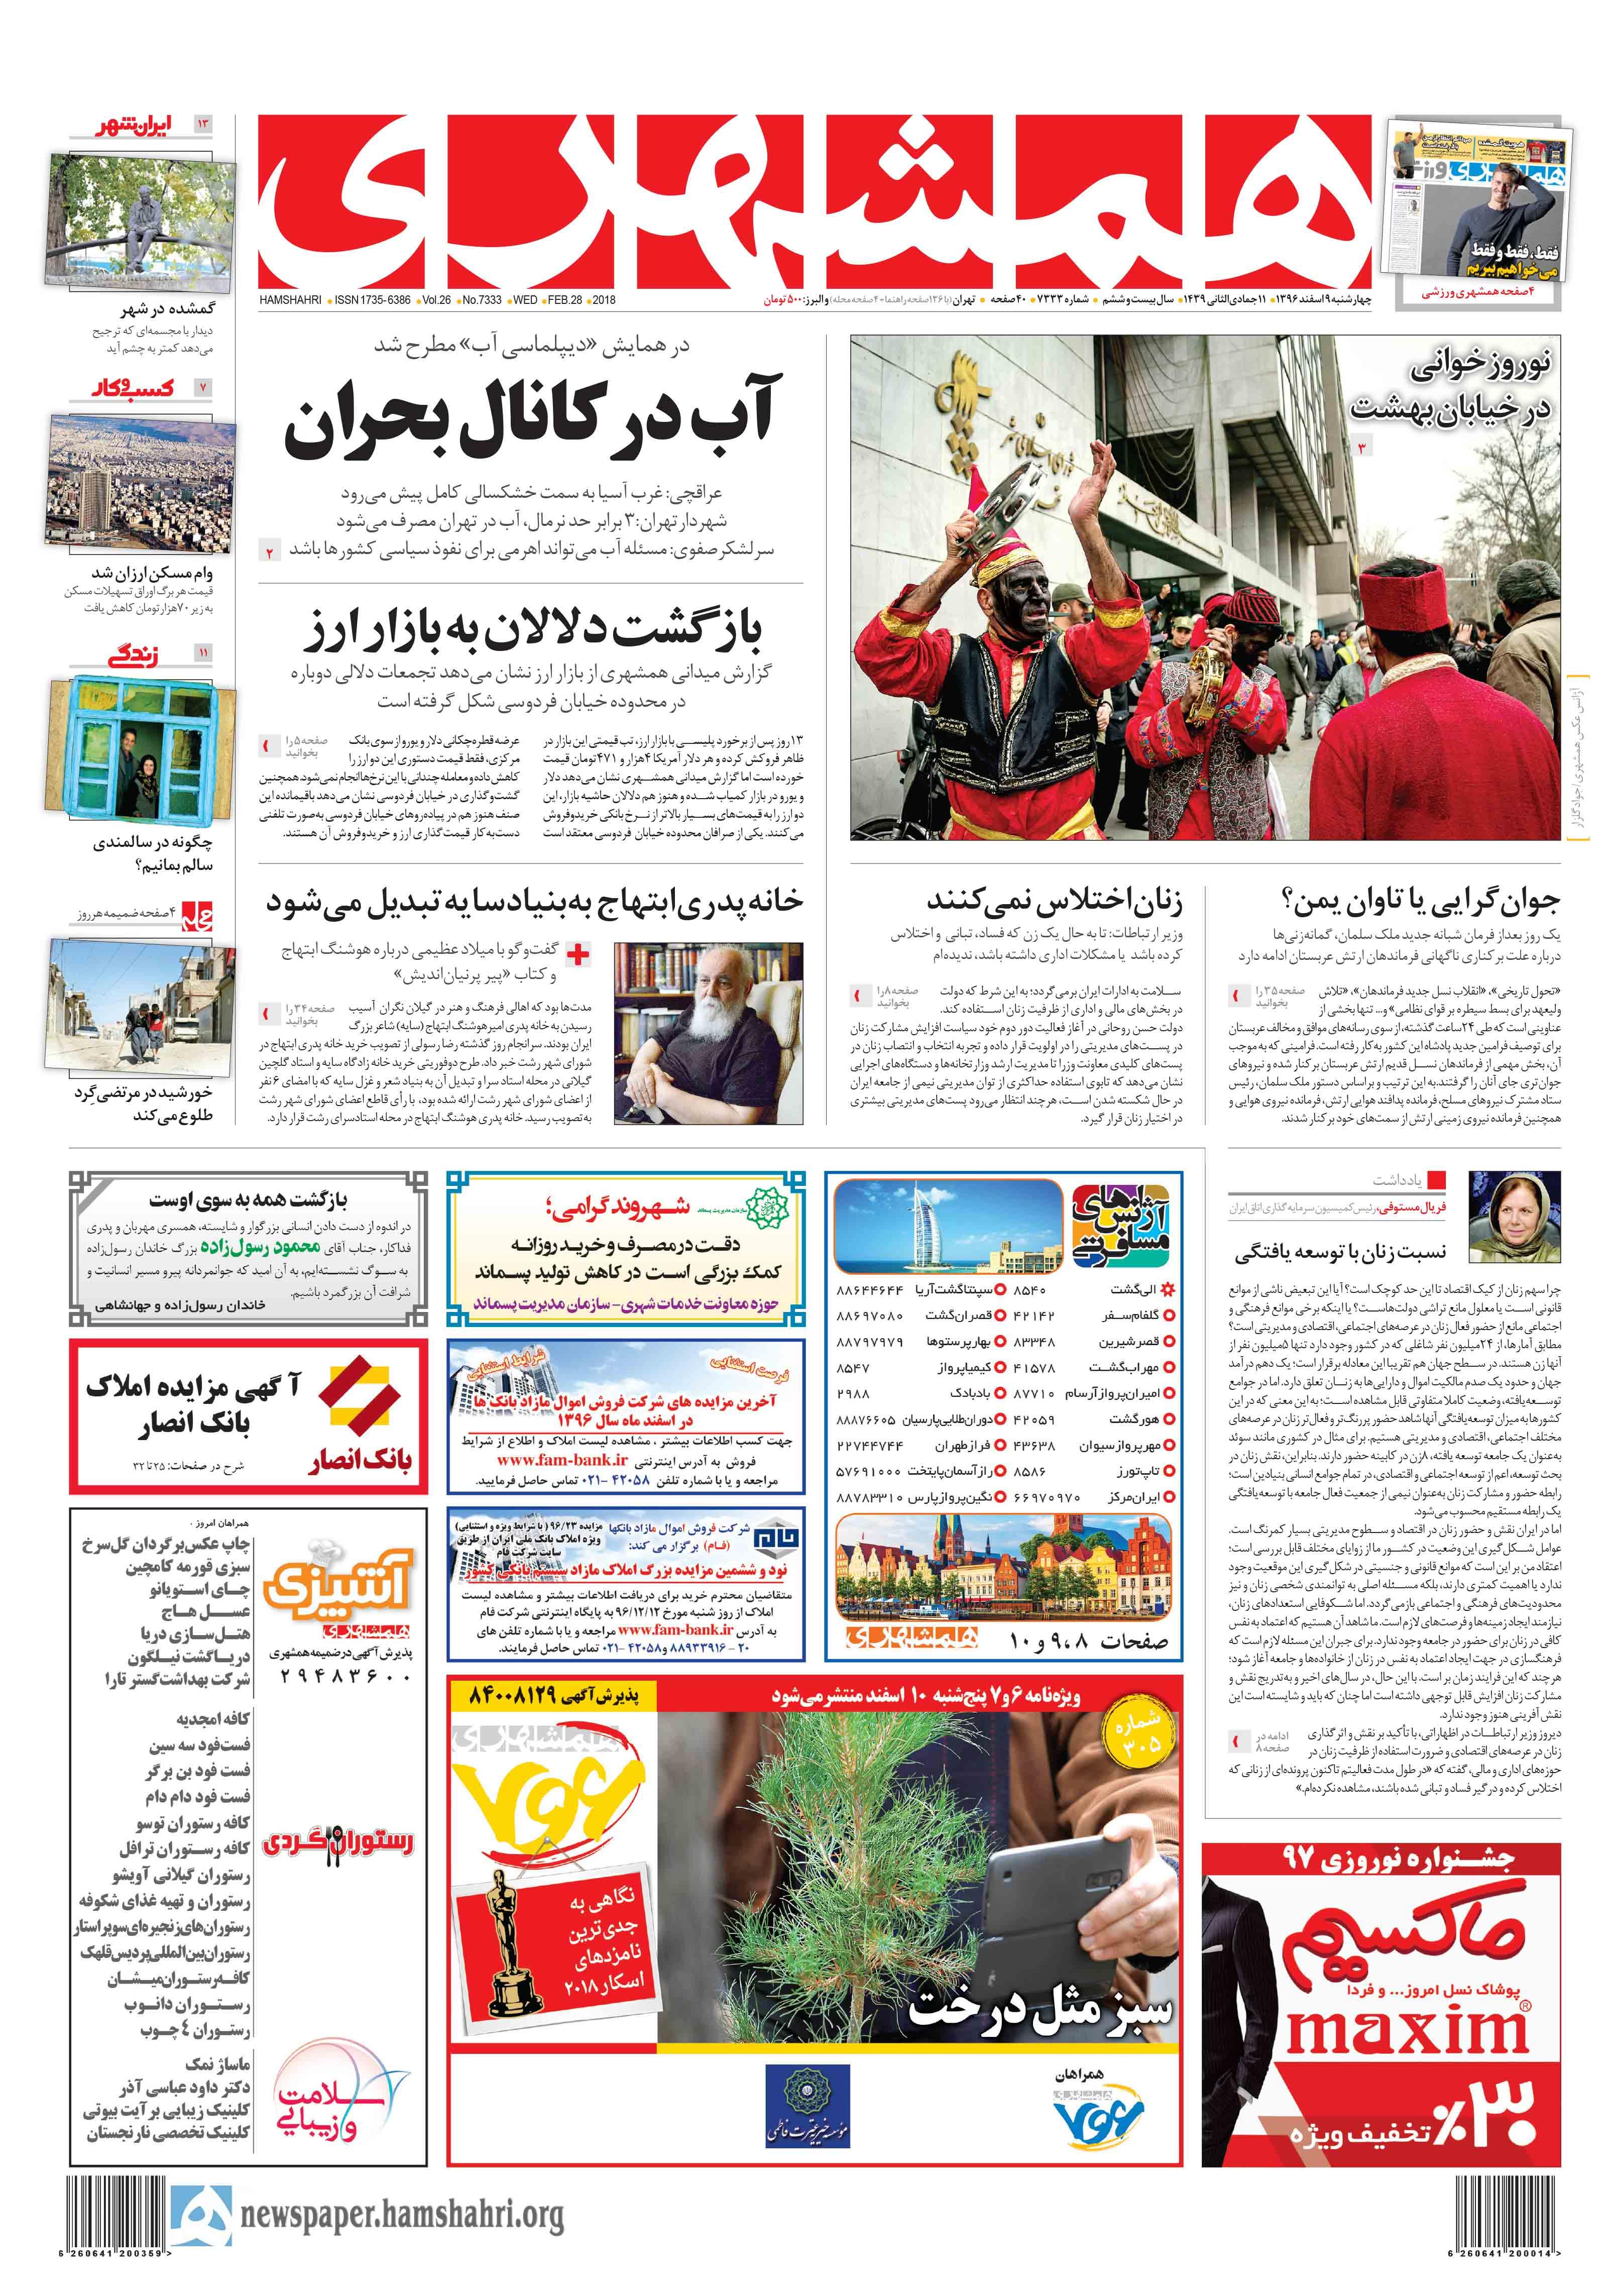 صفحه اول چهارشنبه 9 اسفندماه 1396